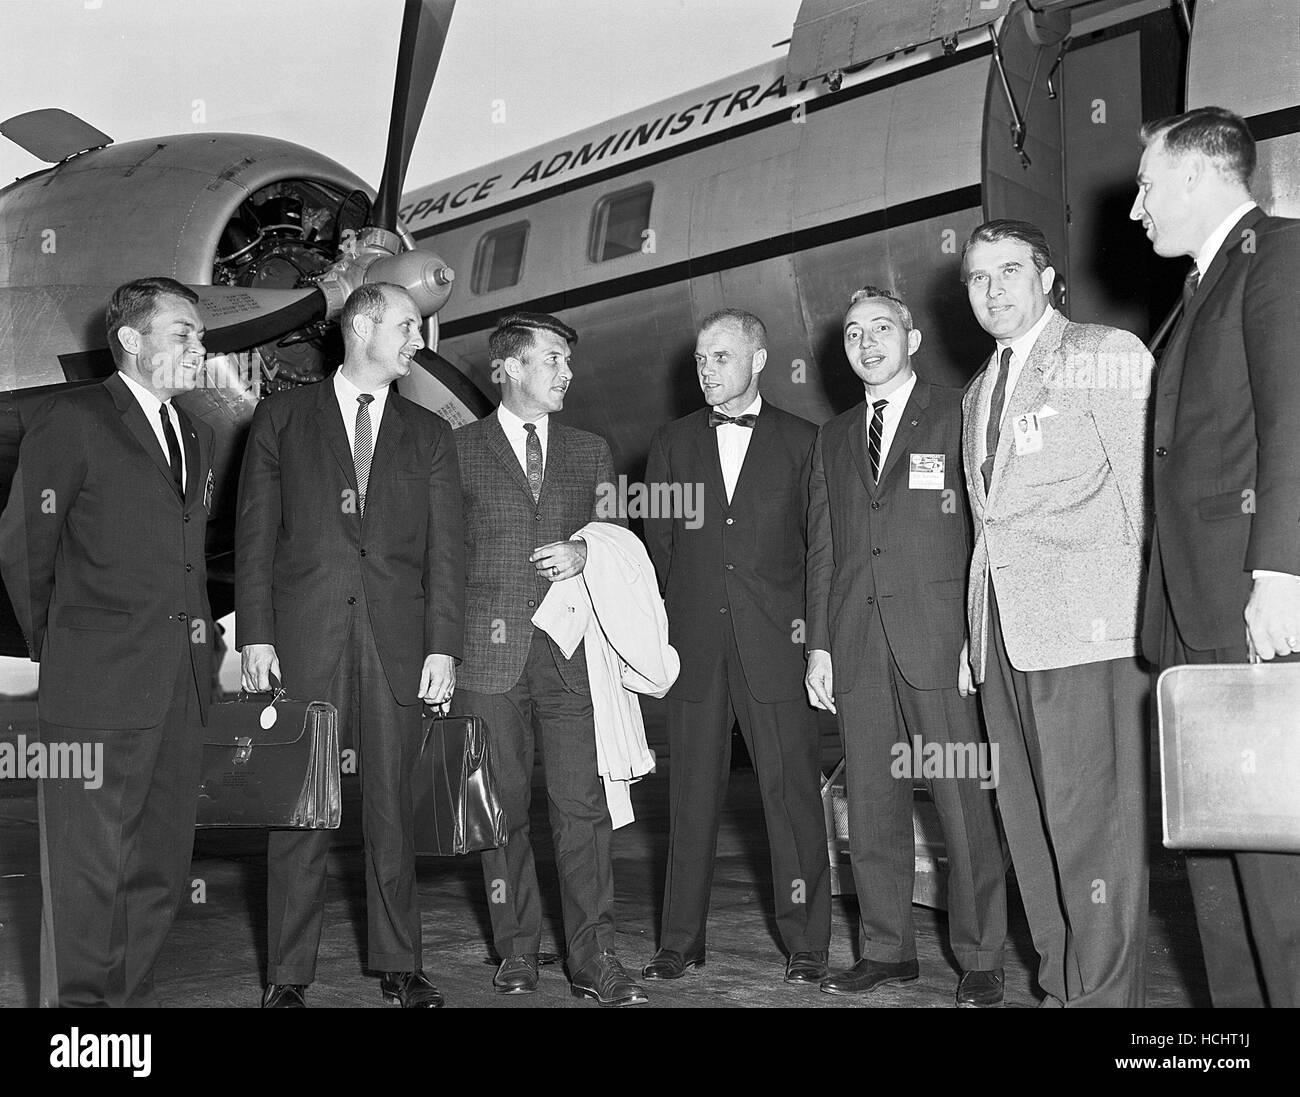 Vertreter aus NASA-Hauptquartier und die Astronauten trafen sich oft mit Dr. Wernher von Braun in Huntsville, Alabama. Dieses Foto wurde im September 1962 bei einem solchen Besuch aufgenommen. Von links nach rechts sind Elliott See, Tom Stafford, Wally Schirra, John Glenn, Brainerd Holmes, Dr. von Braun und Jim Lovell.Credit: NASA mittels CNP - NO-Draht-SERVICE - Foto: Nasa/Consolidated News Fotos/NASA über CNP Stockfoto